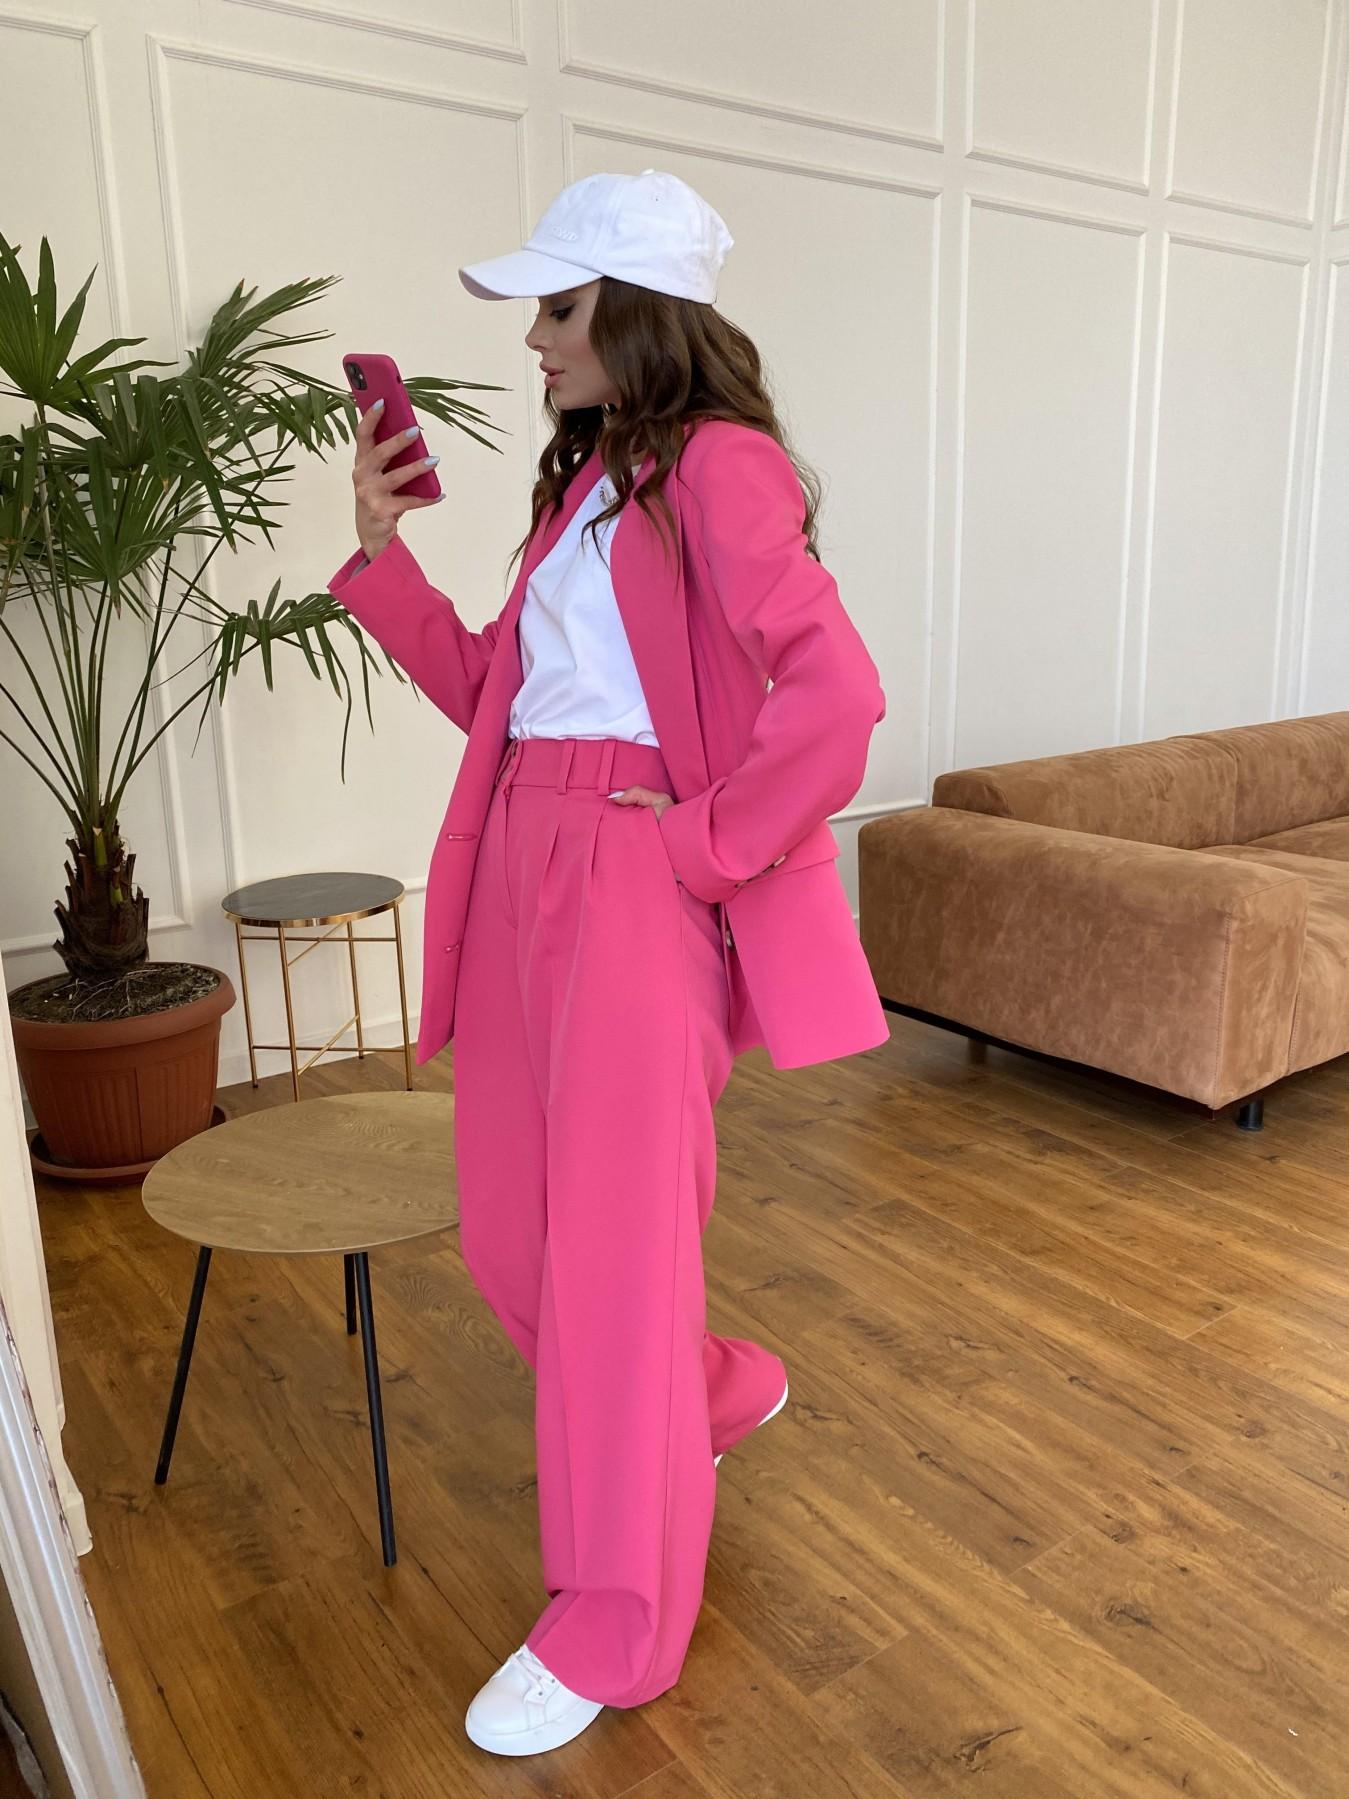 Белисимо  костюм стрейч из костюмной ткани 11217 АРТ. 47720 Цвет: Малиновый - фото 1, интернет магазин tm-modus.ru